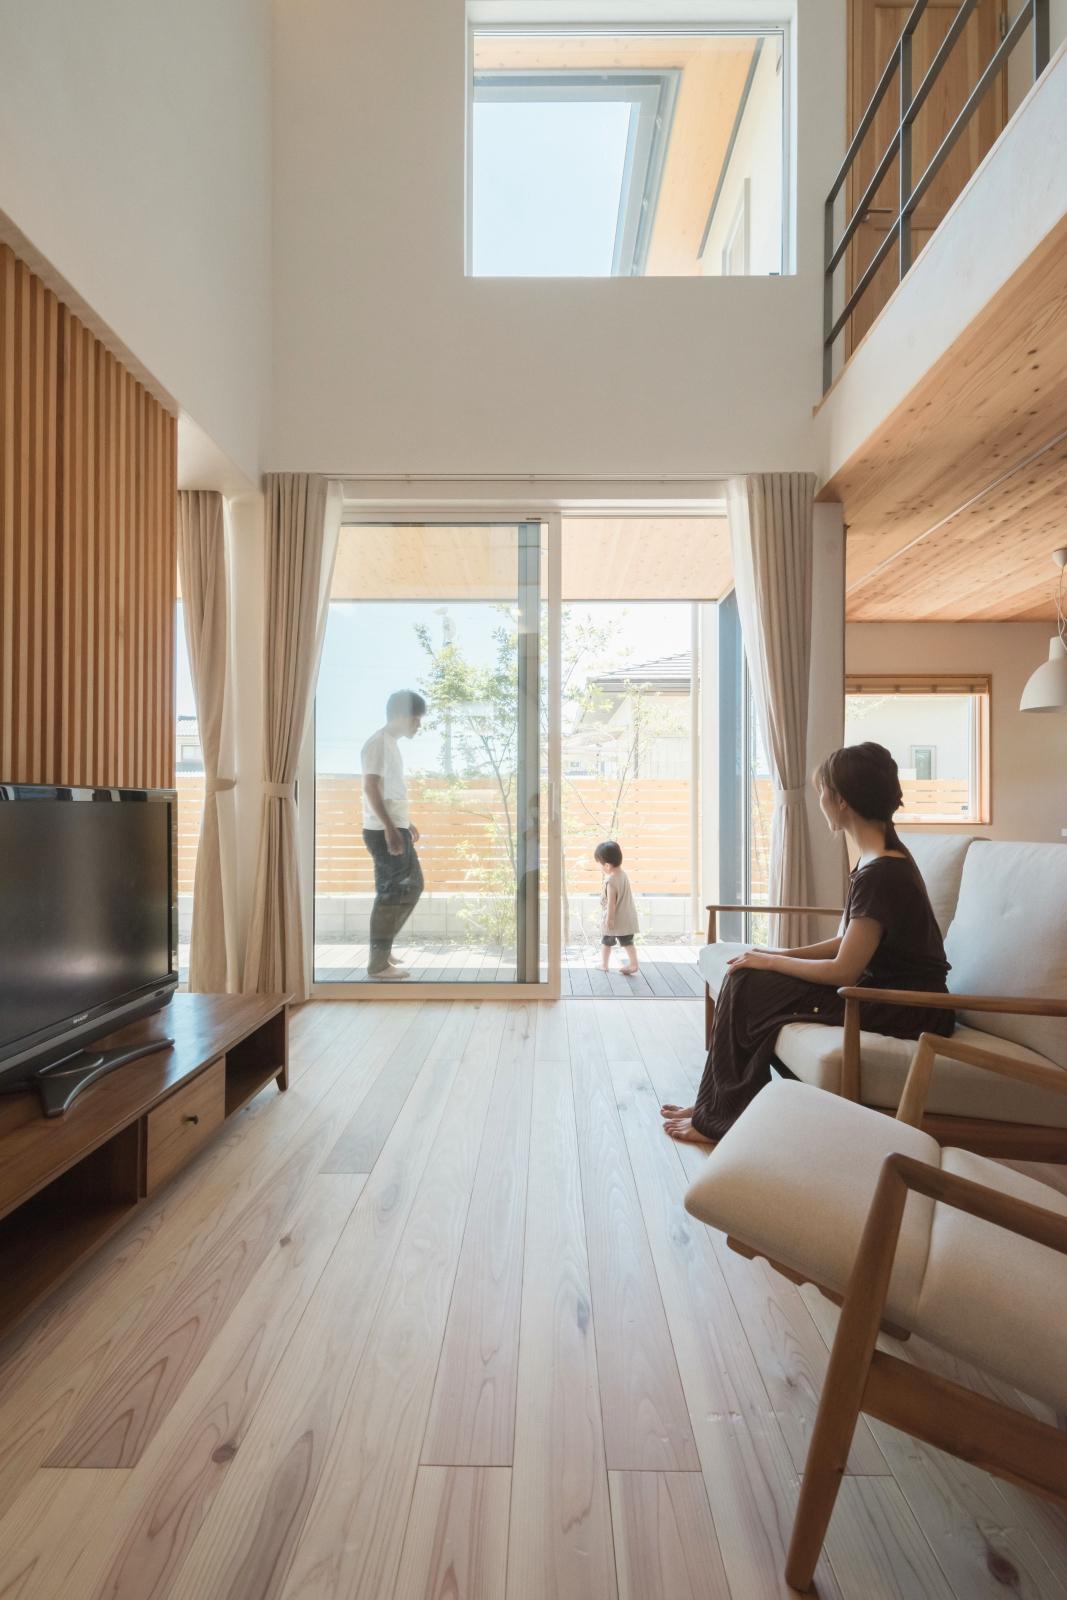 ハイサッシの窓とウッドデッキが室内外をシームレスに繋げてくれる